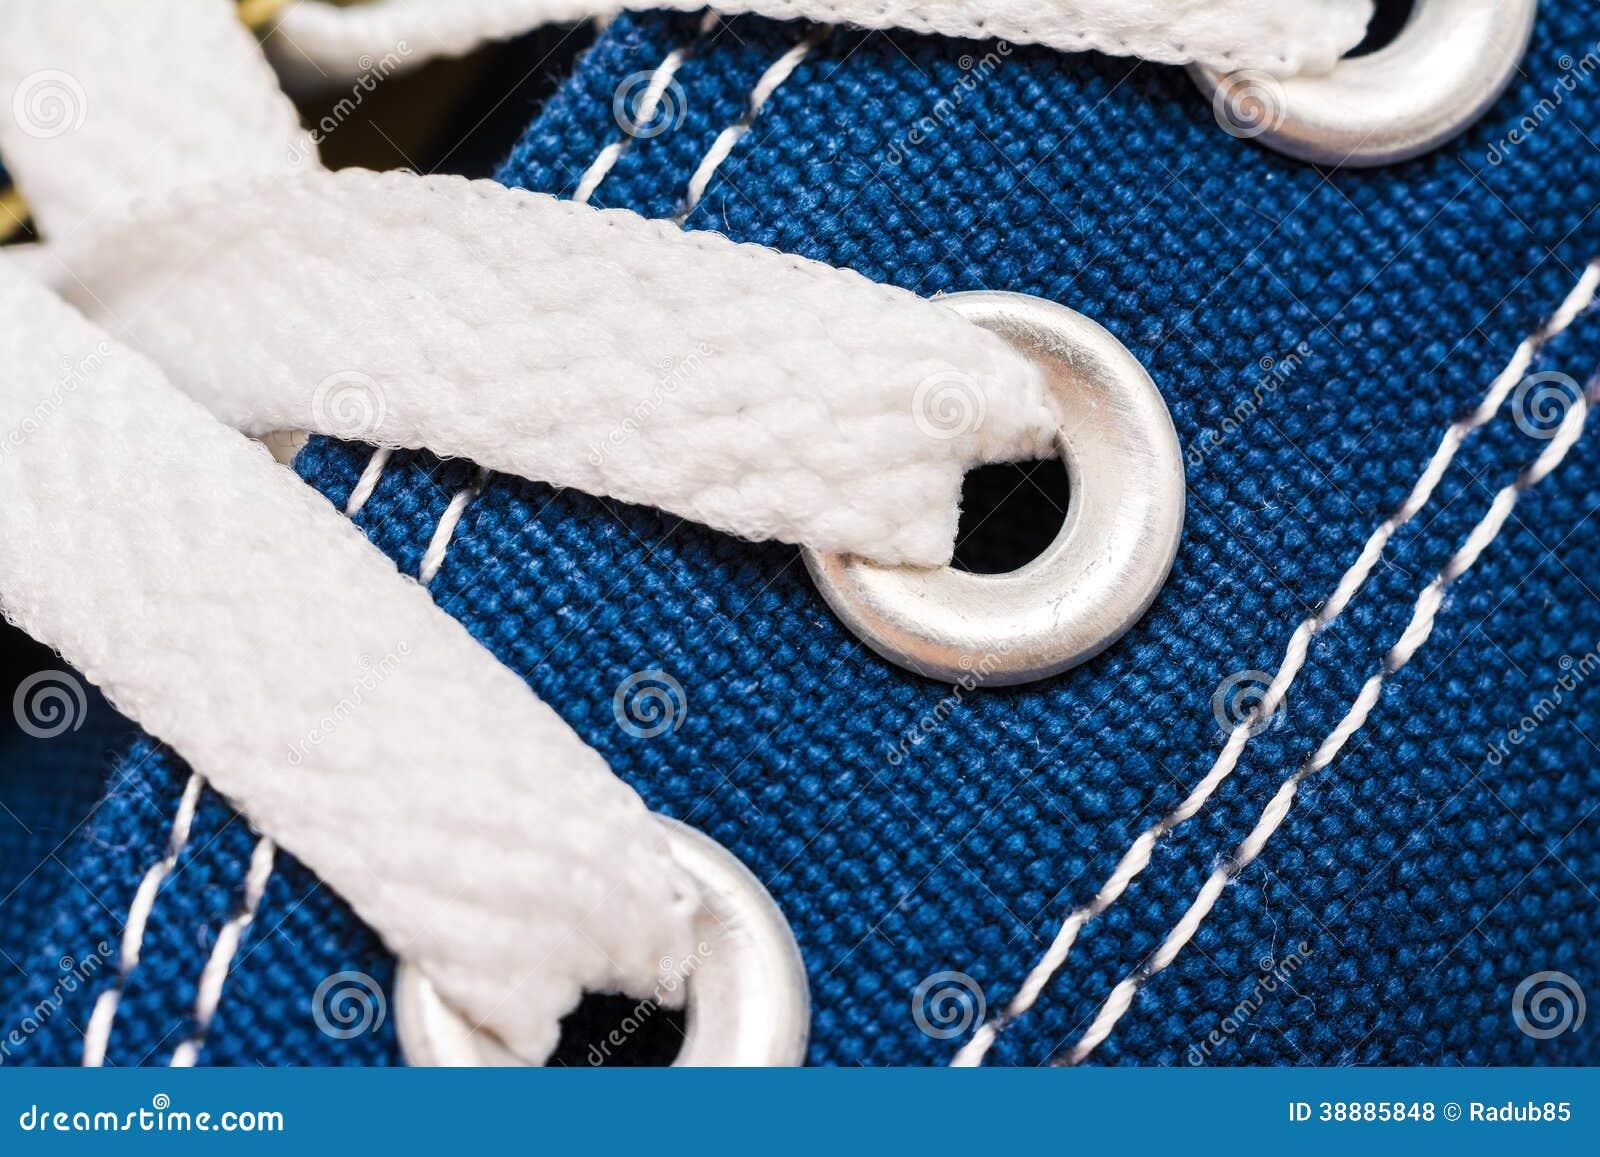 Nike Shoe Laces Blue